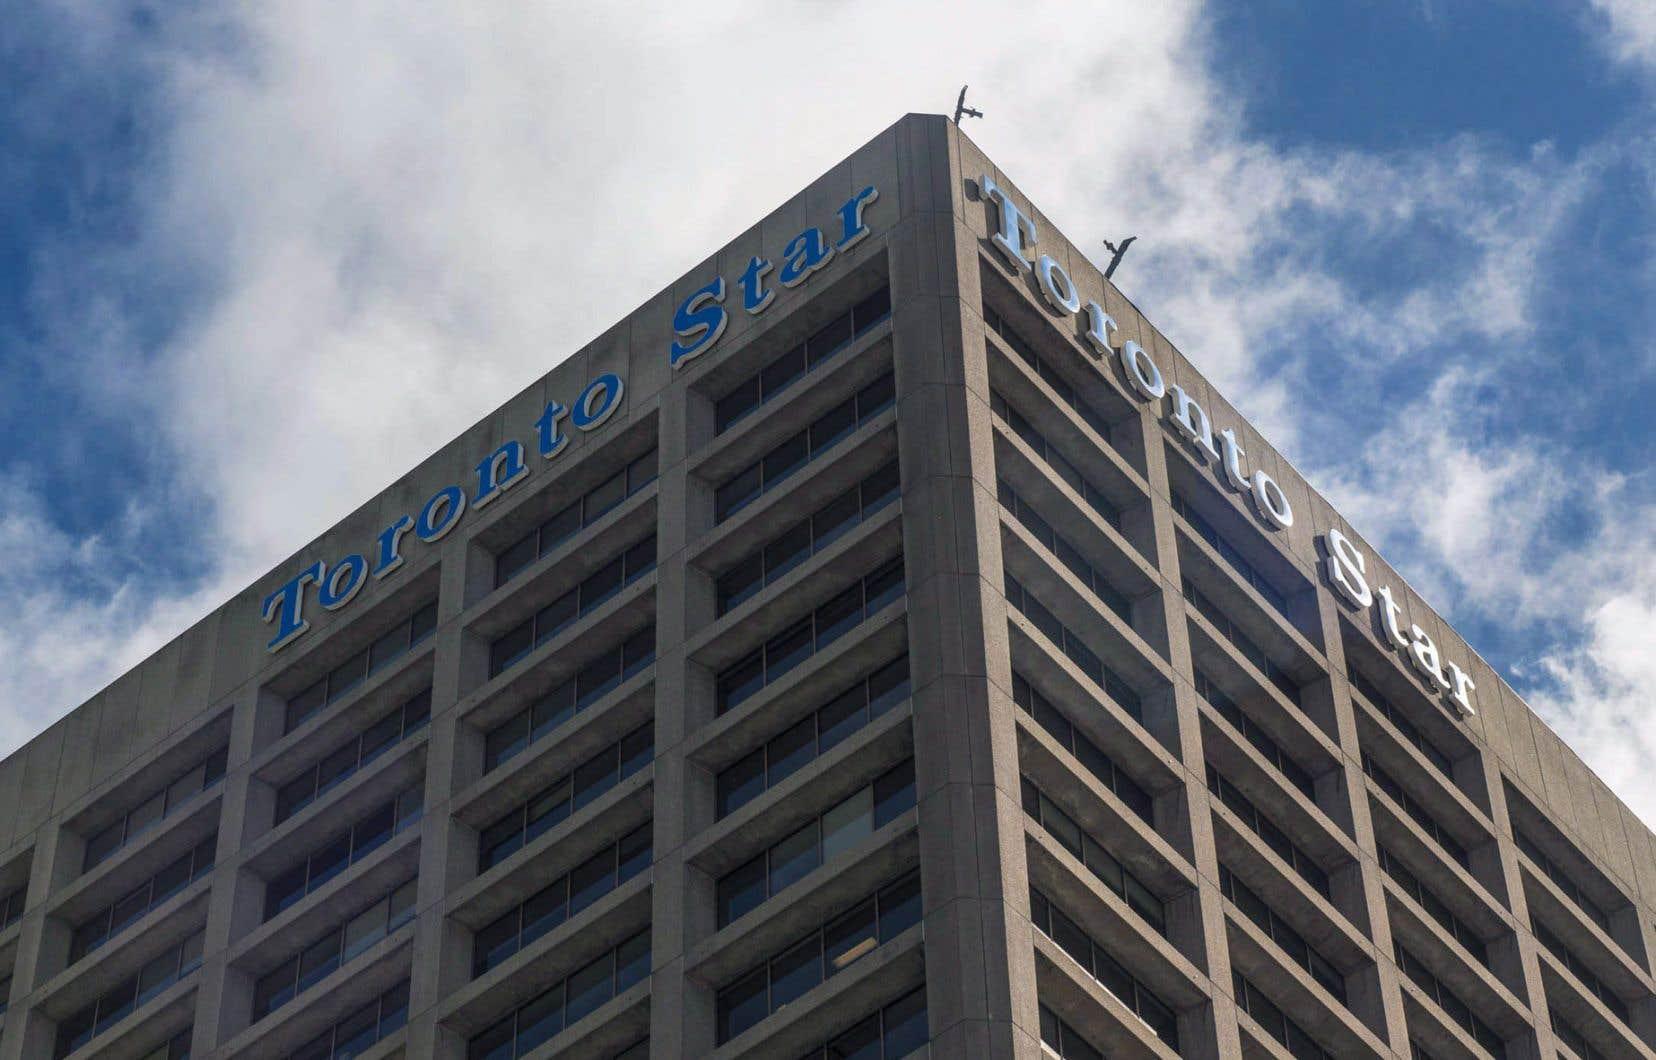 Le Bureau de la concurrencea allégué, dans des documents judiciaires, que Torstar et Postmedia Network Canadaavaient conspiré dans leur accord pour échanger des journaux.